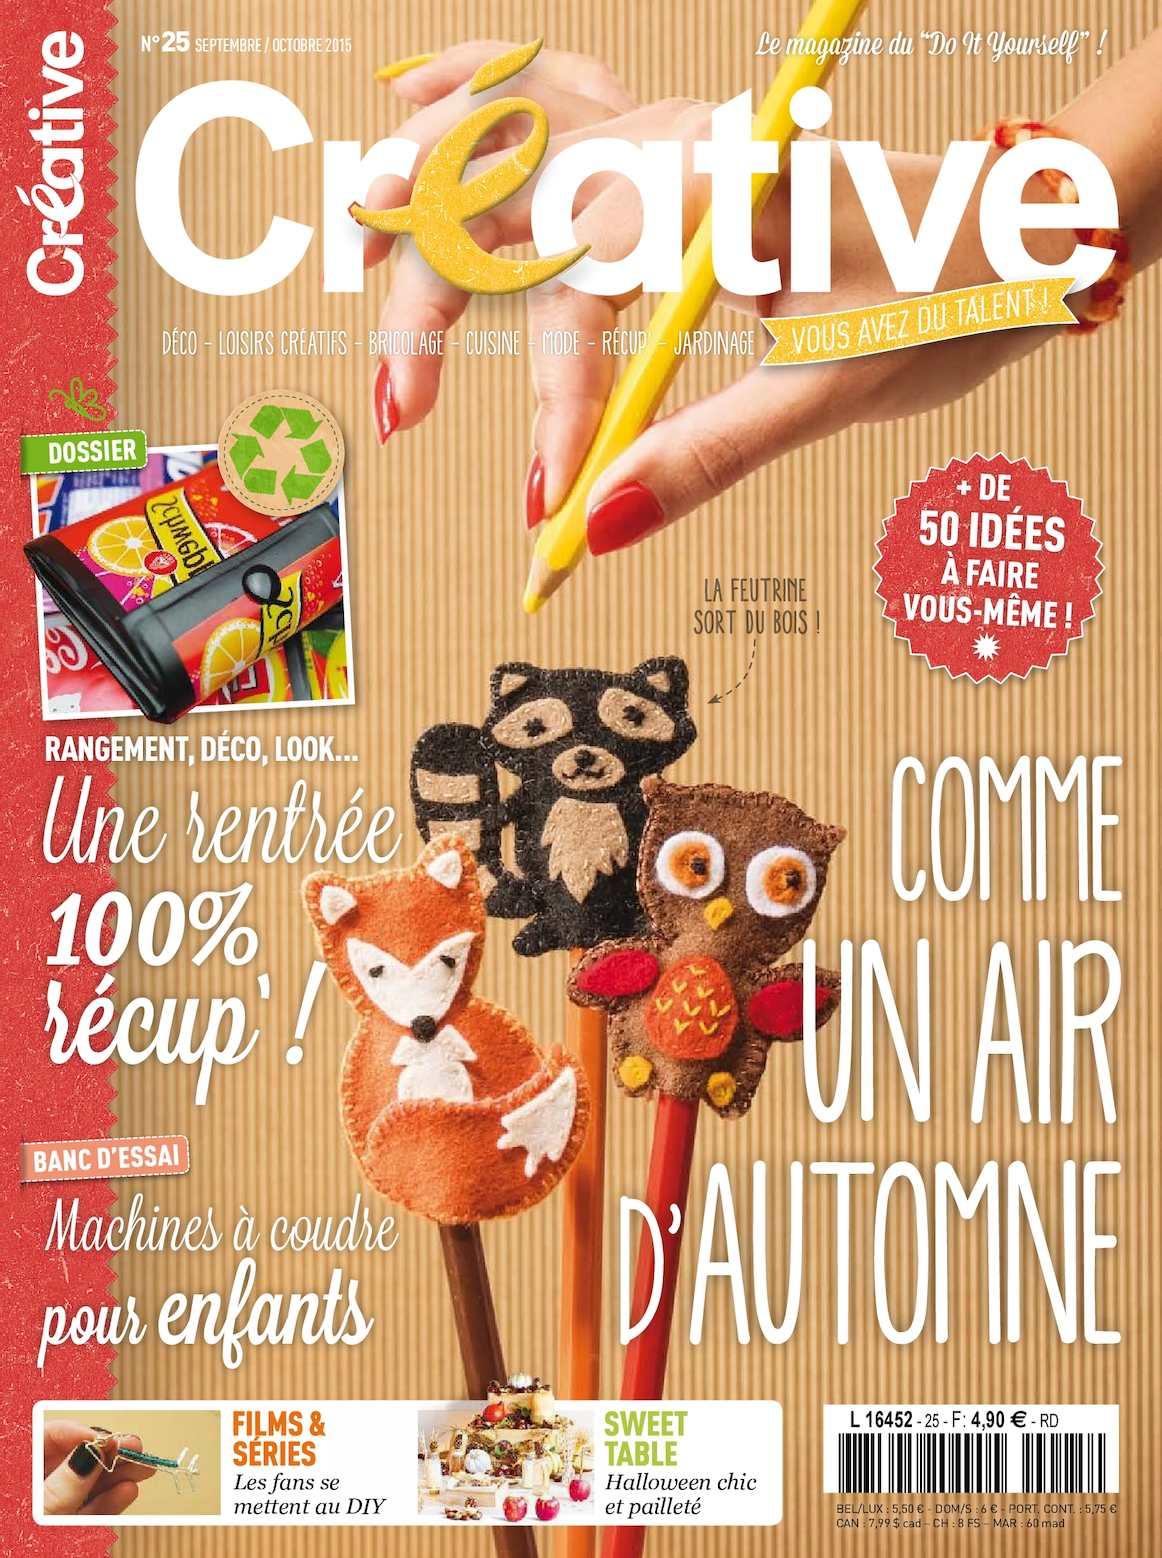 la Canard en caoutchouc-Largeur 3-50 cm-Bricolage Deco Bois grincer canard